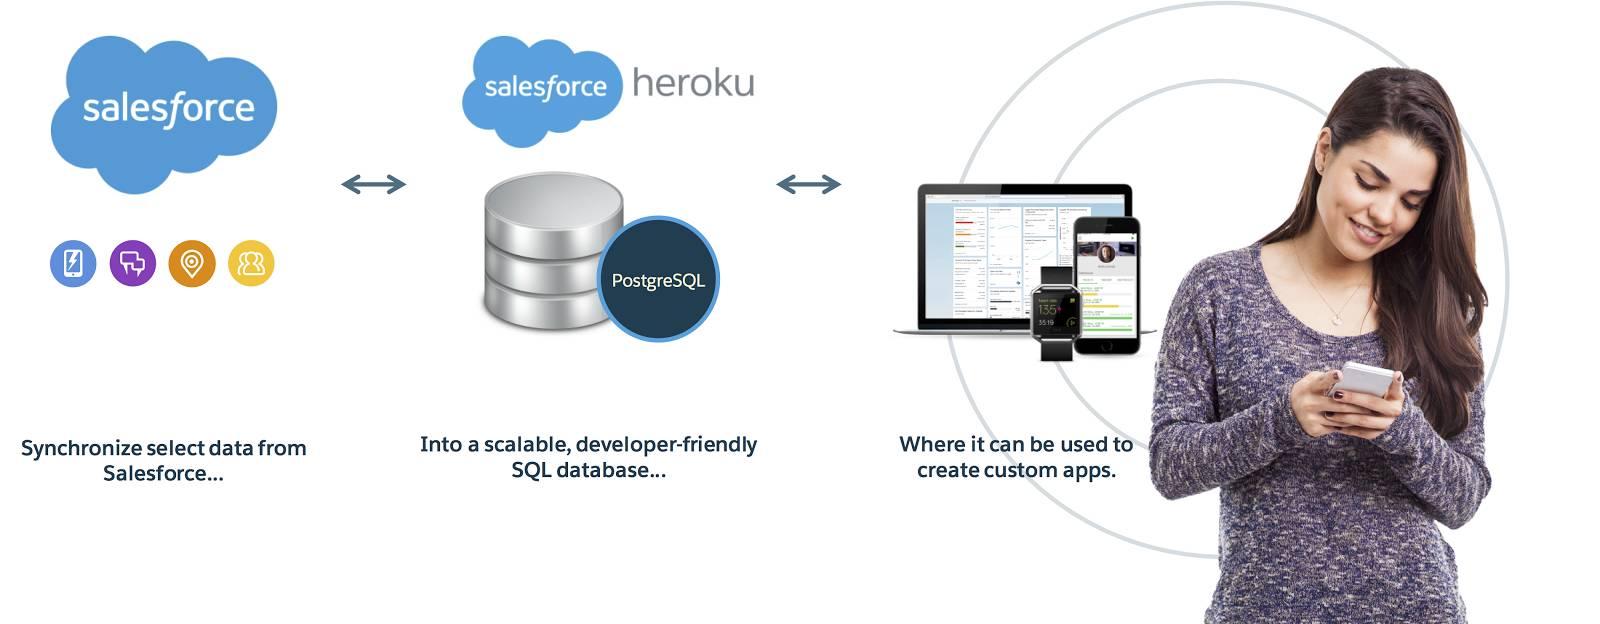 Infografik mit ausgewählten Daten aus Salesforce, die mit einer skalierbaren SQL-Datenbank über Heroku verbunden sind, die wiederum mit einem Kunden über benutzerdefinierte Anwendungen verbunden ist.